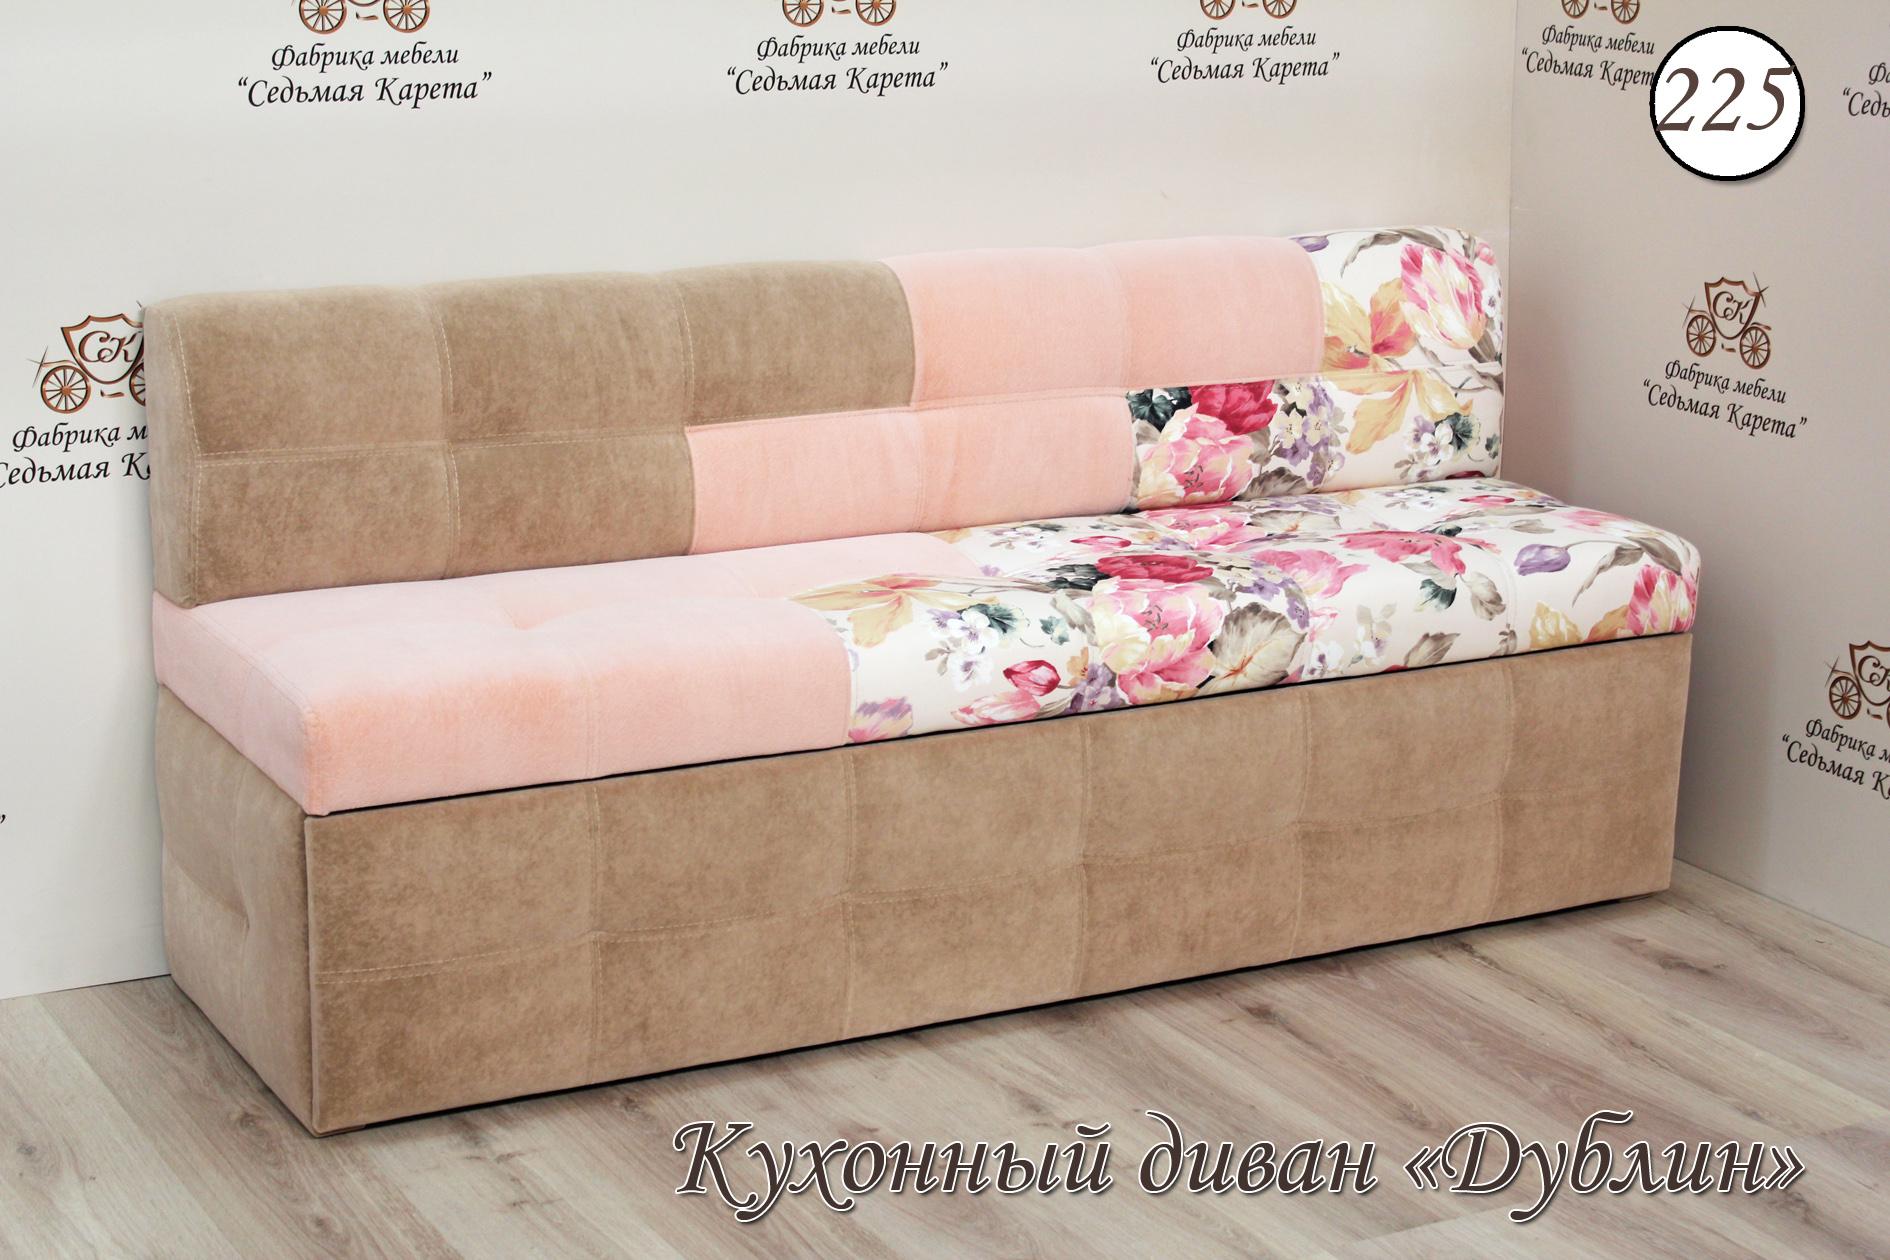 Кухонный диван Дублин-225